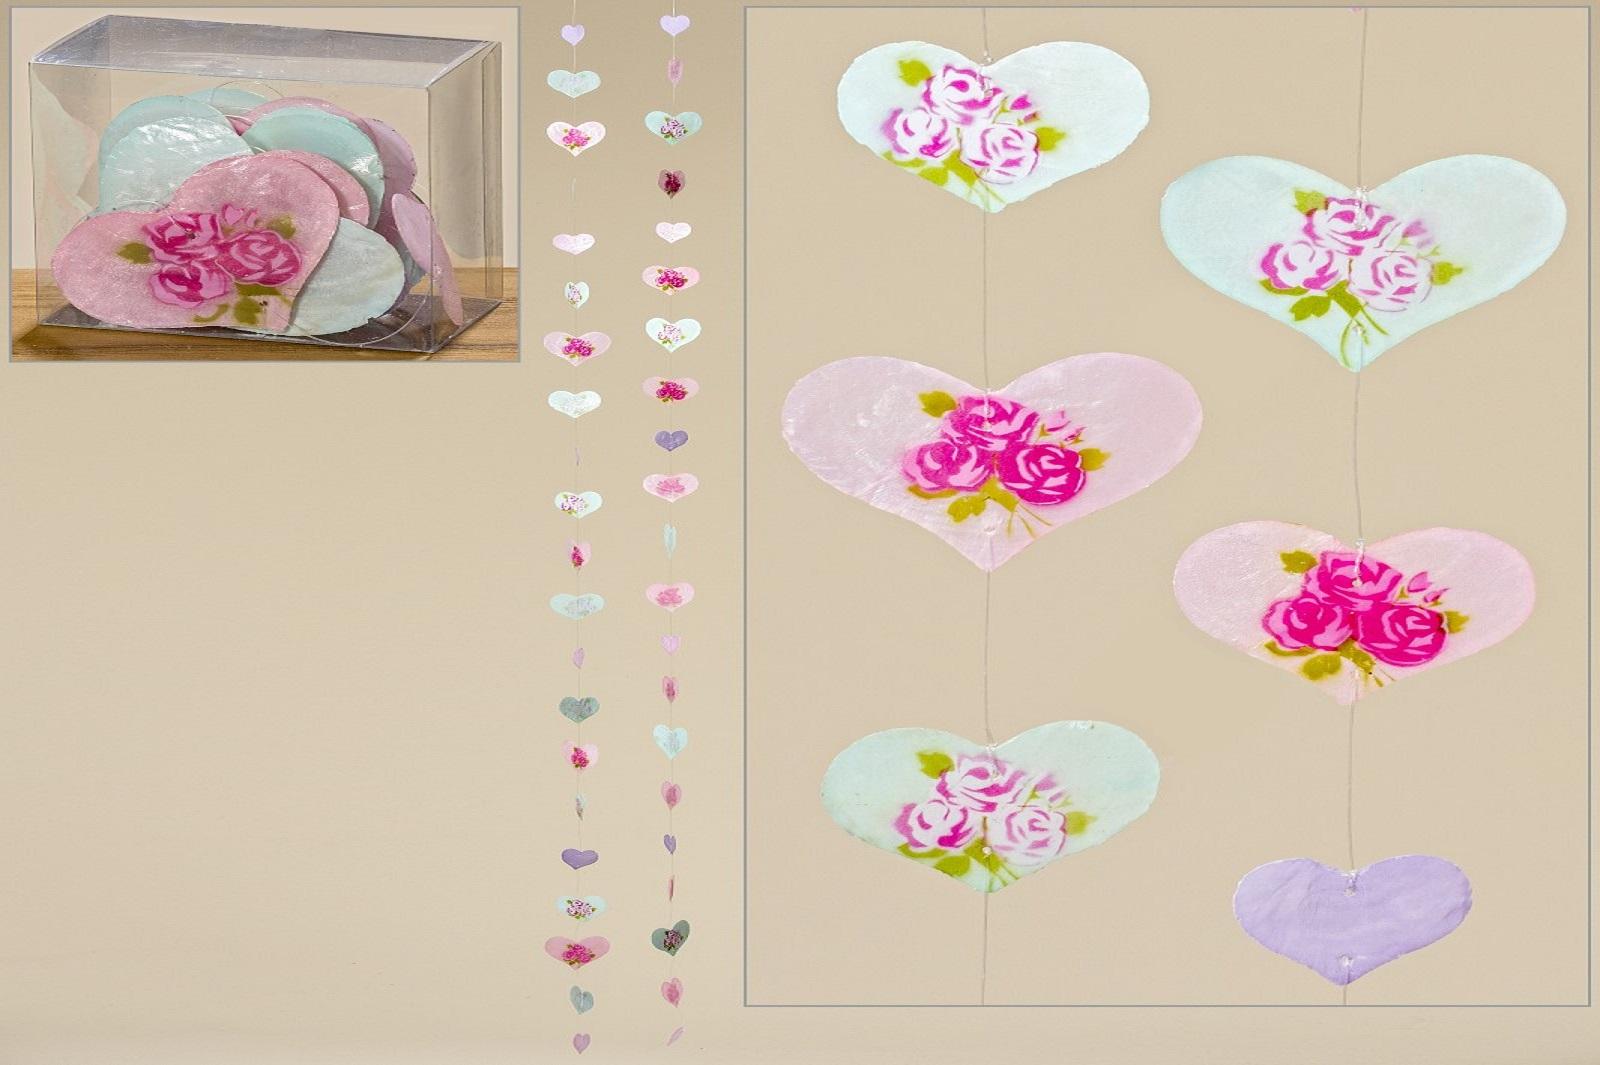 Capiz Muschel Girlande Mobile Windspiel herzförmig mit Blüten 2er Set